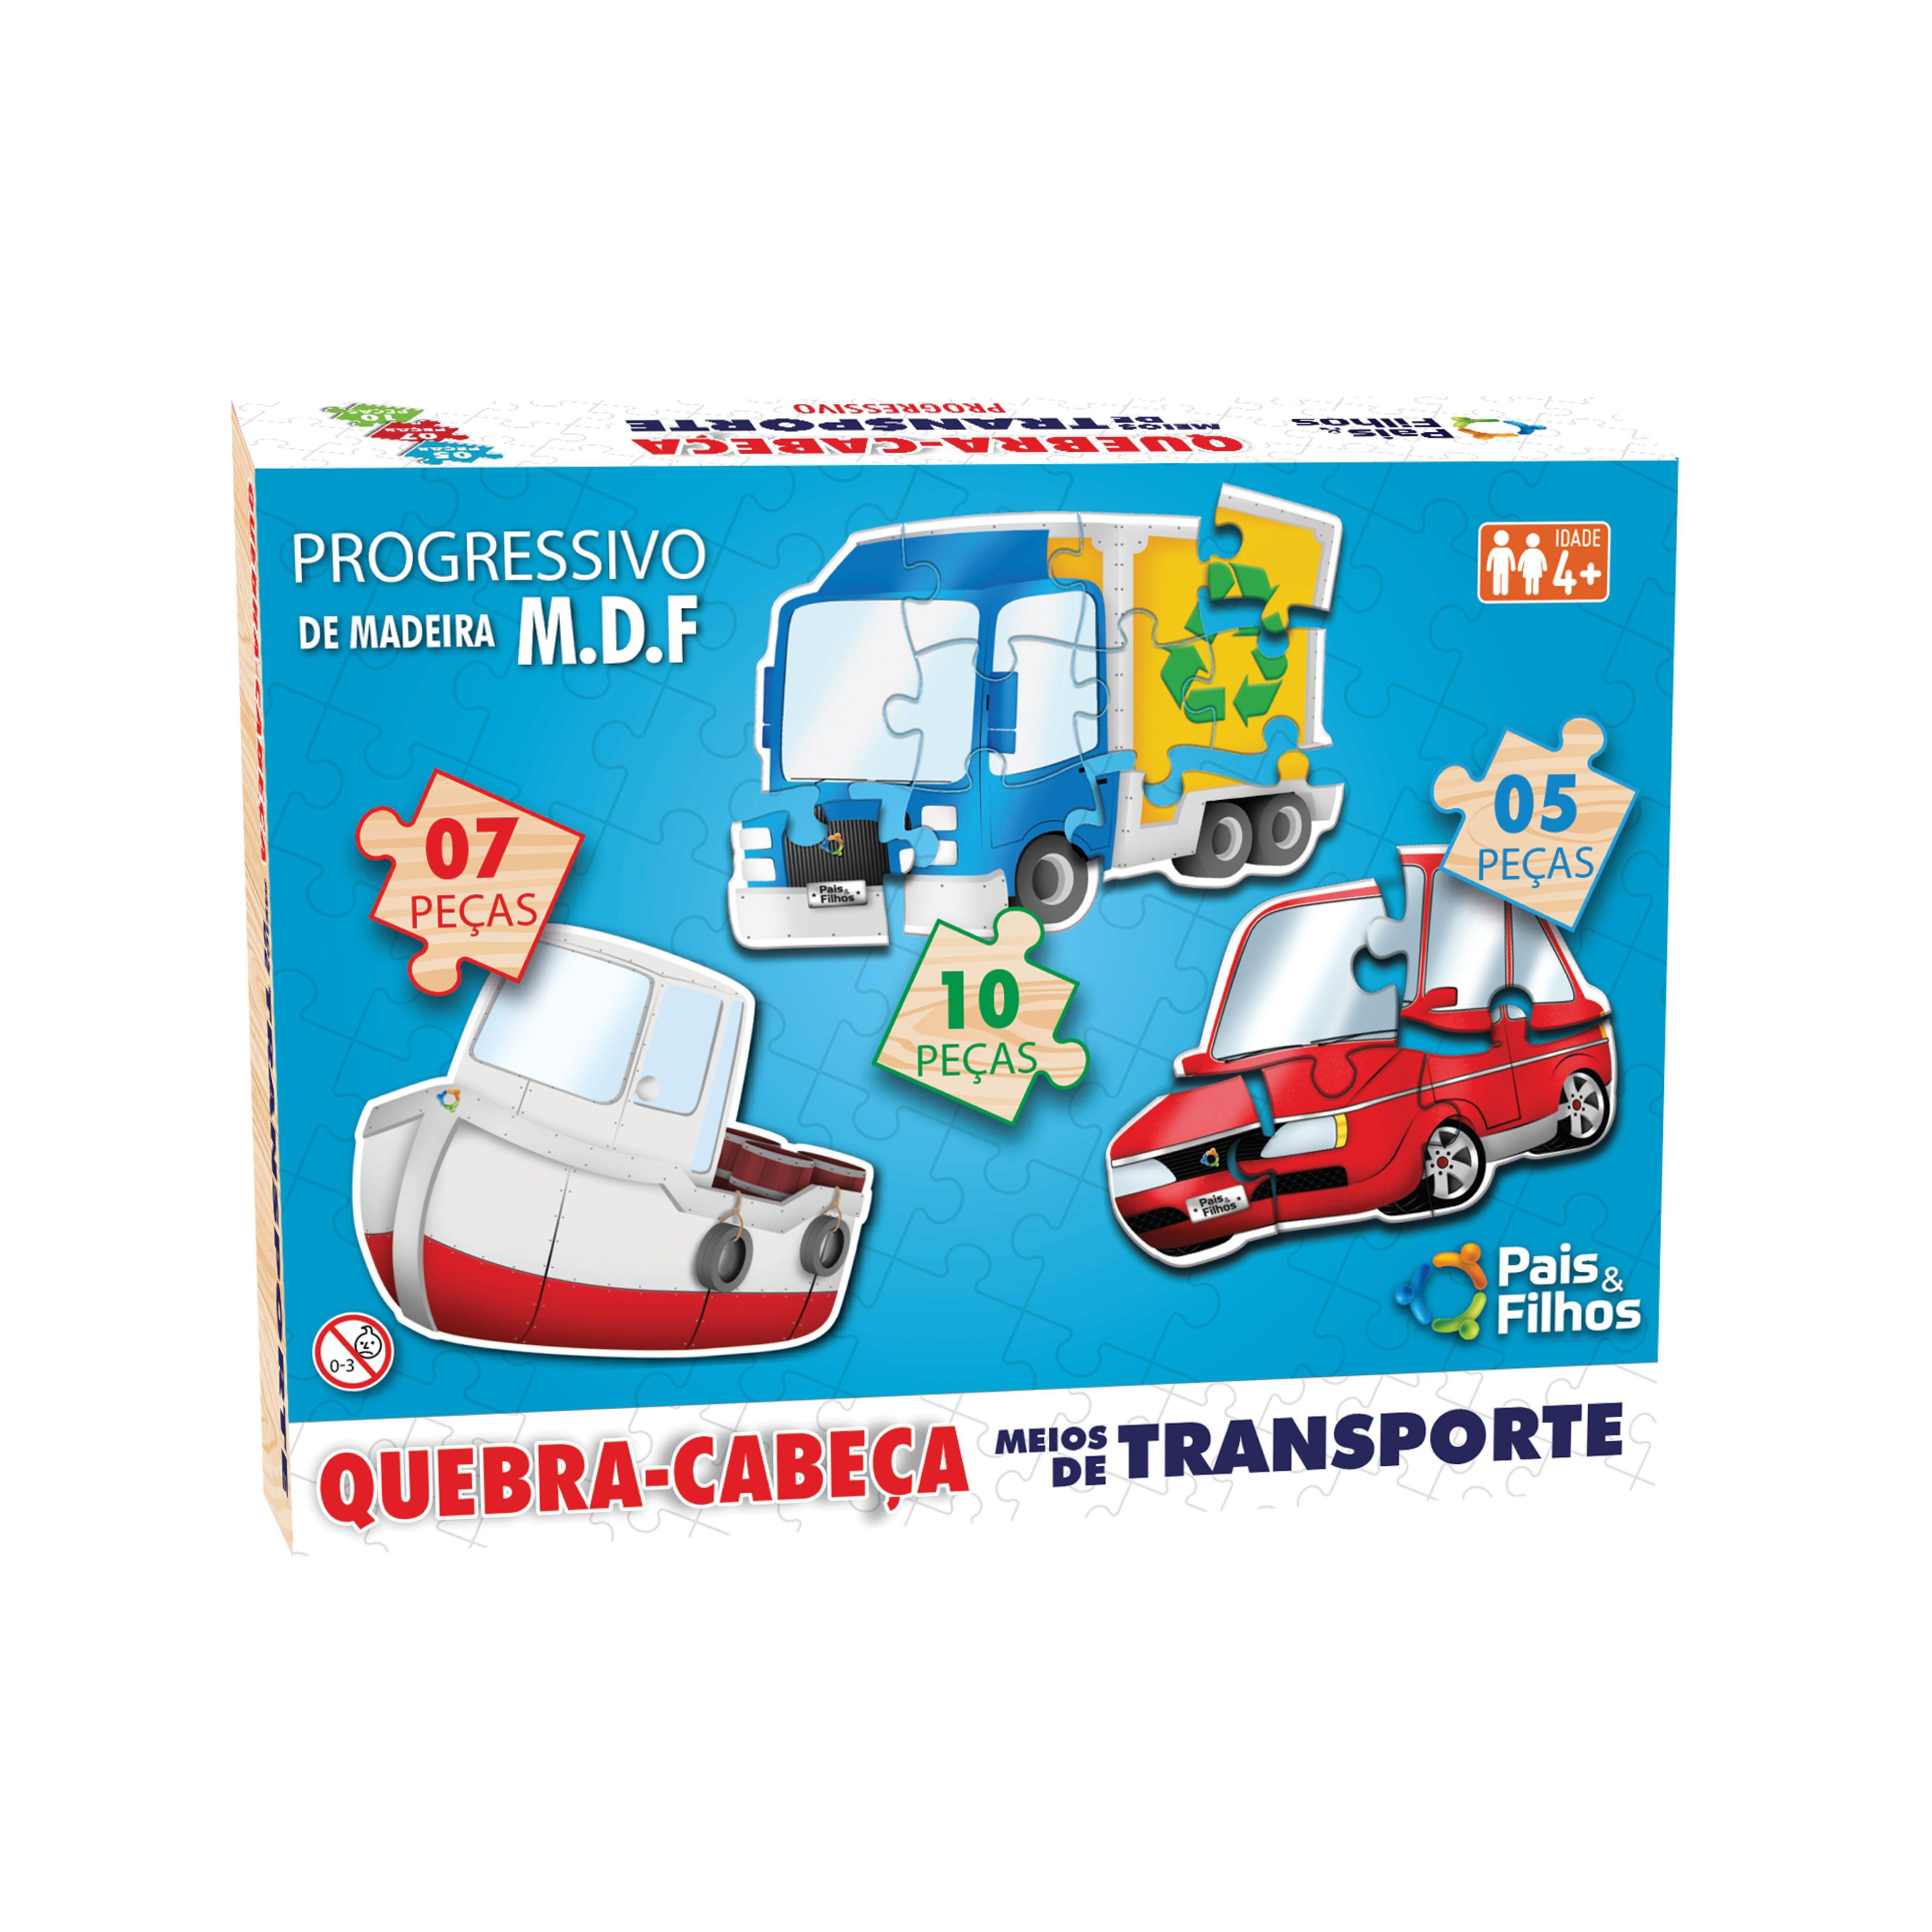 Quebra-Cabeça Progressivo de Madeira - Meios de transporte - 5/7/10 peças-10774